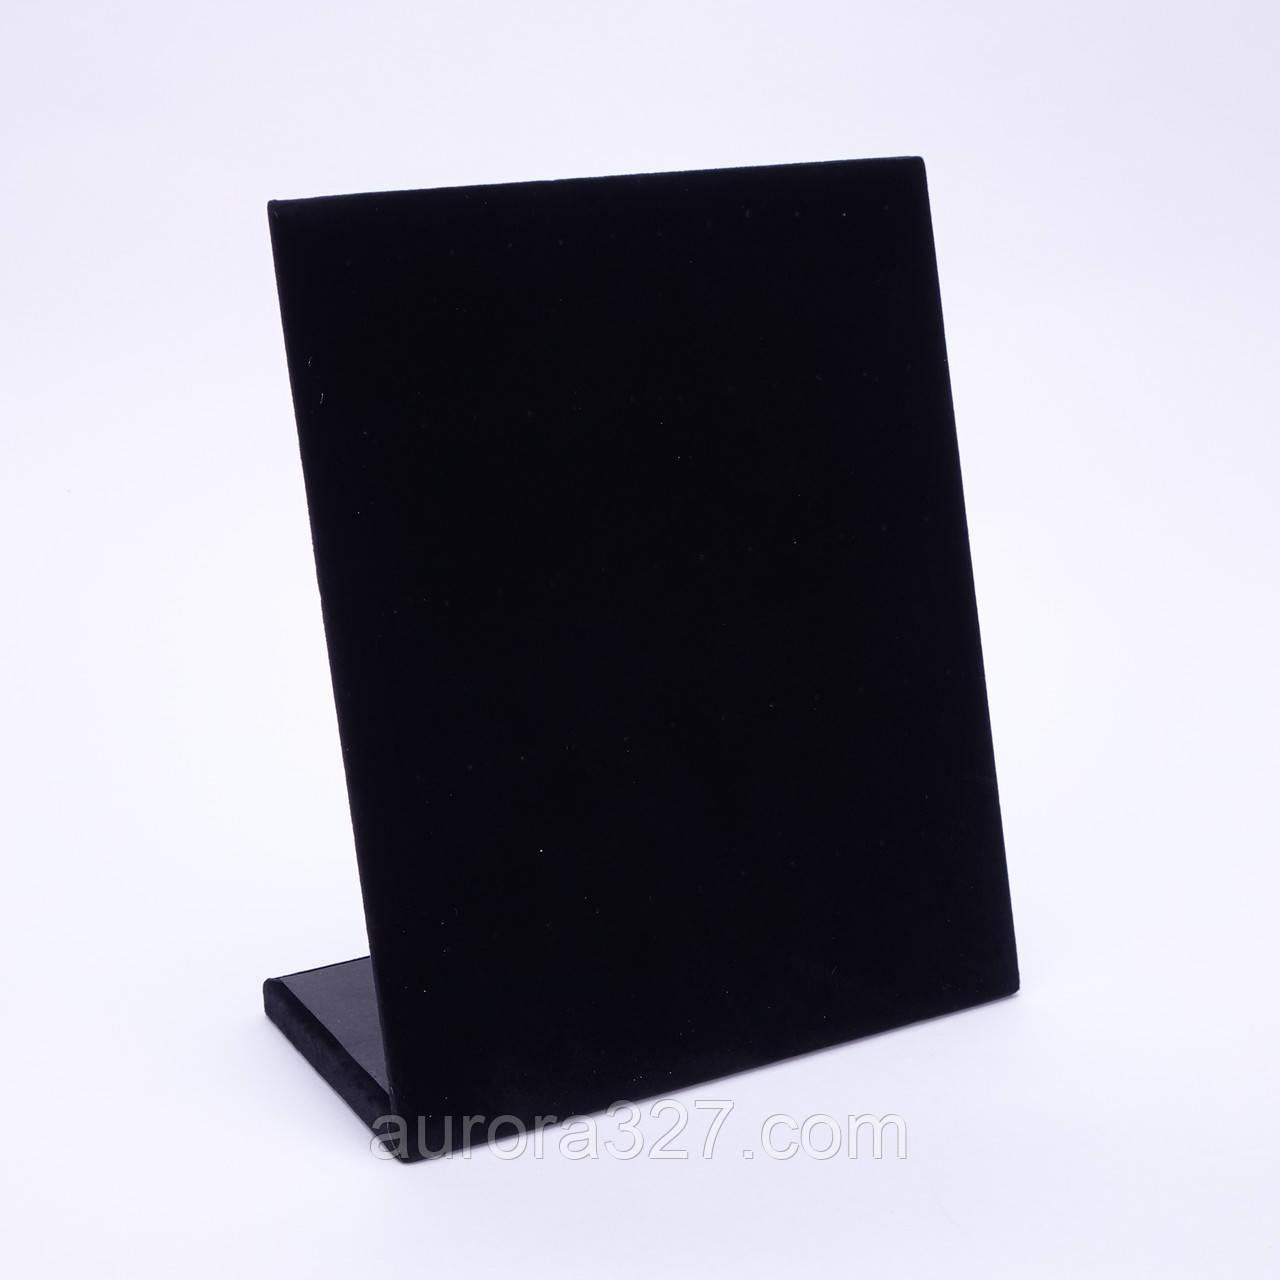 """Стойка планшет """"Под пусеты черный бархат 30 пар 24 х 20 х 10,5 см"""""""